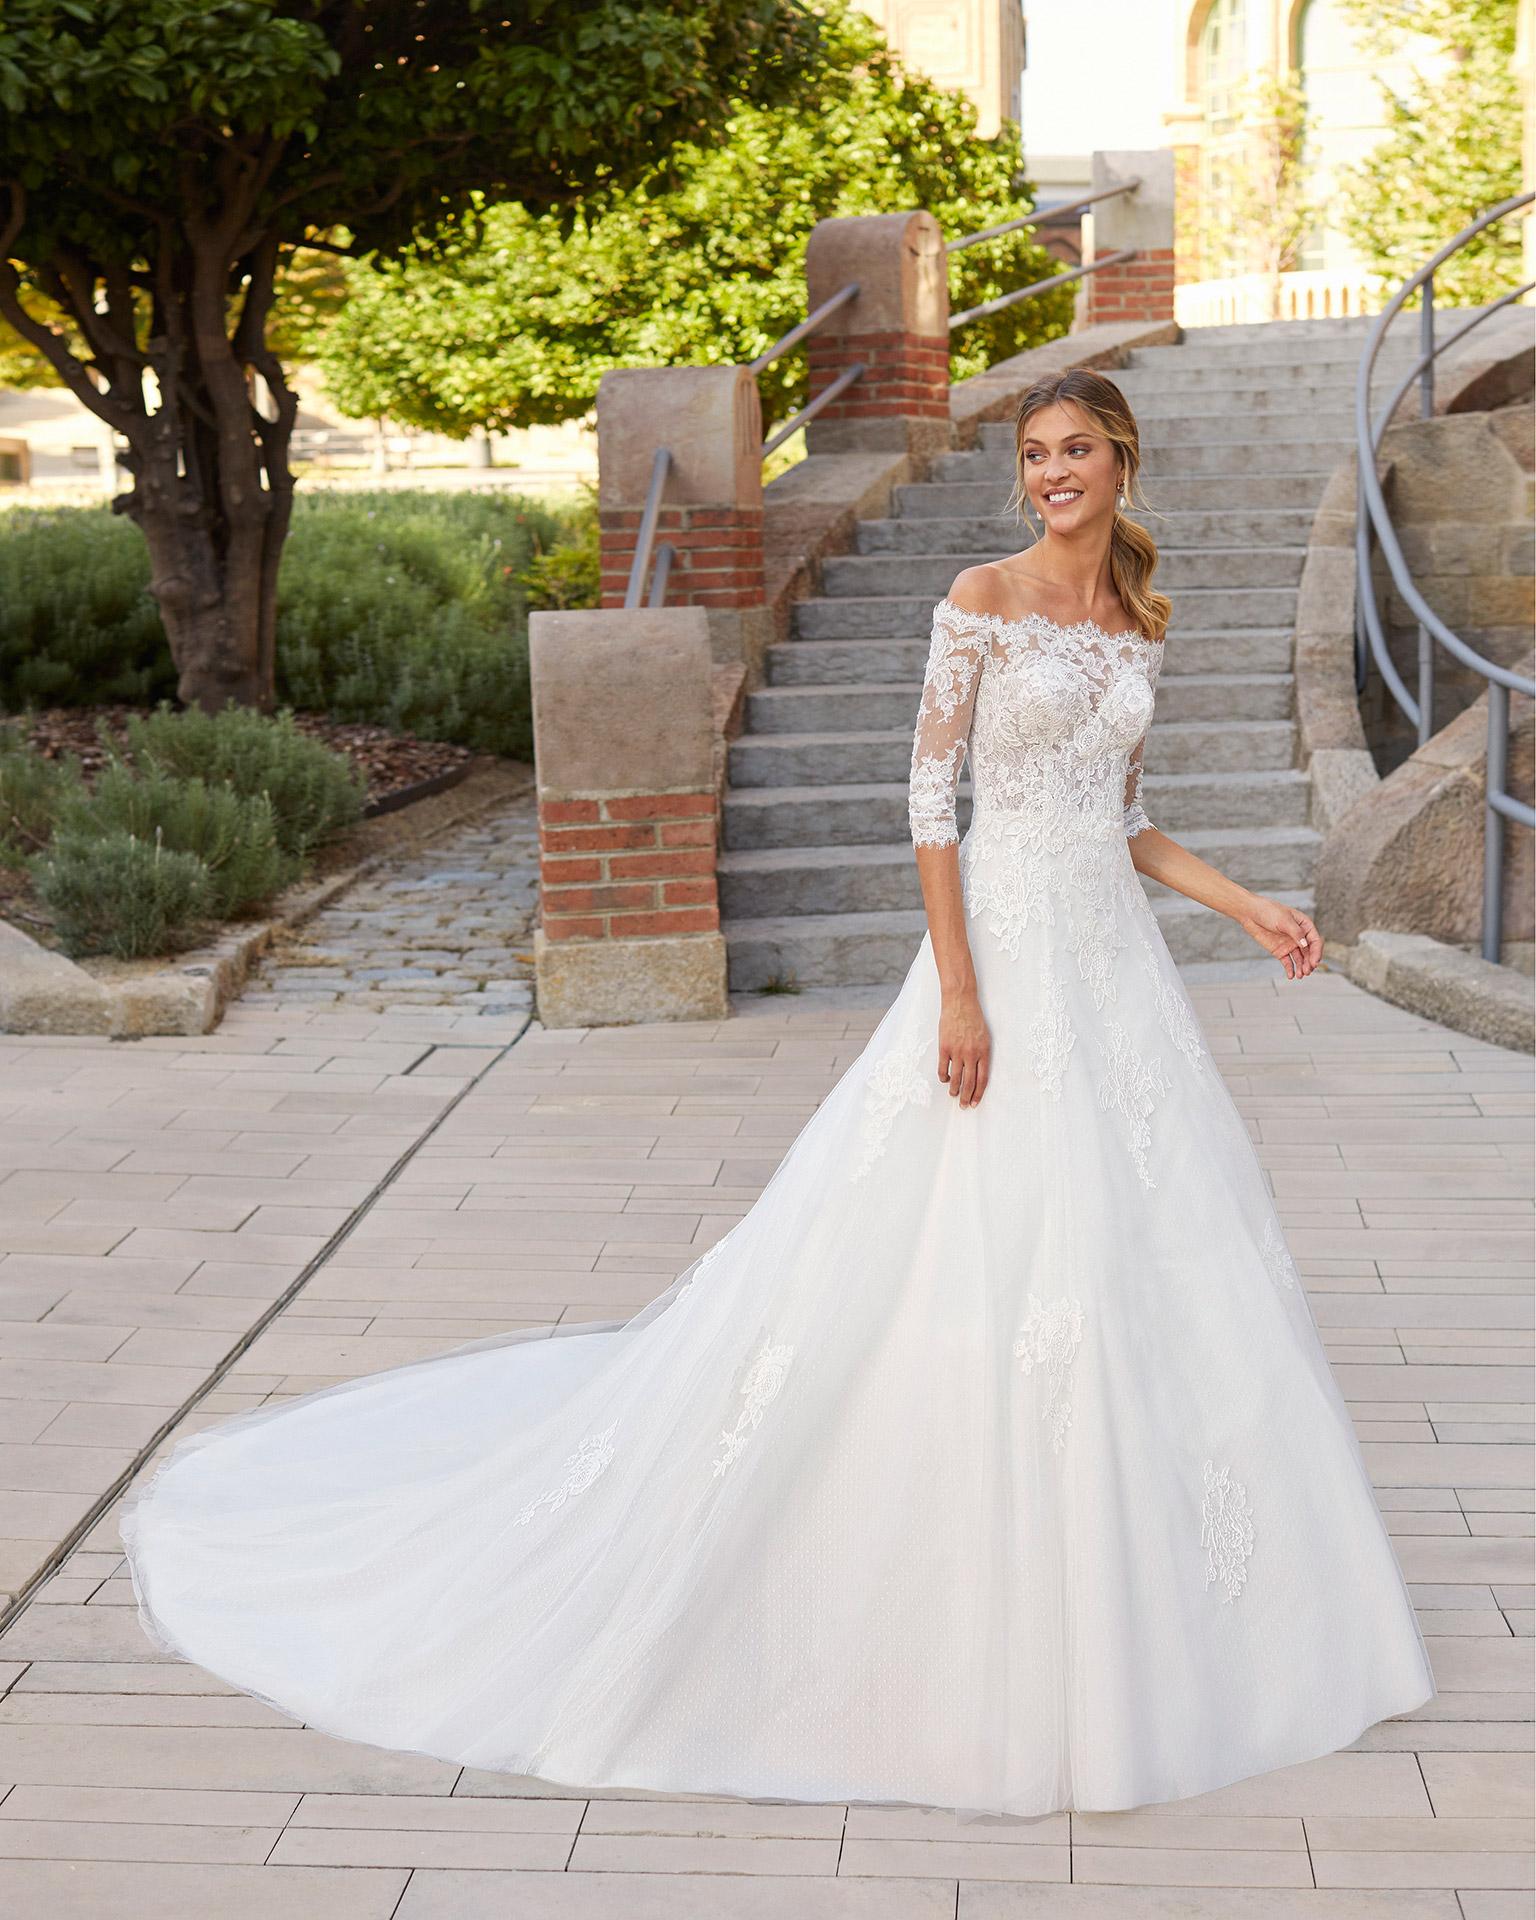 Vestido de novia estilo princesa de tul plumeti, encaje y pedrería. Escote bajo hombro con sobre escote corazón y manga 3/4. Colección  2021.